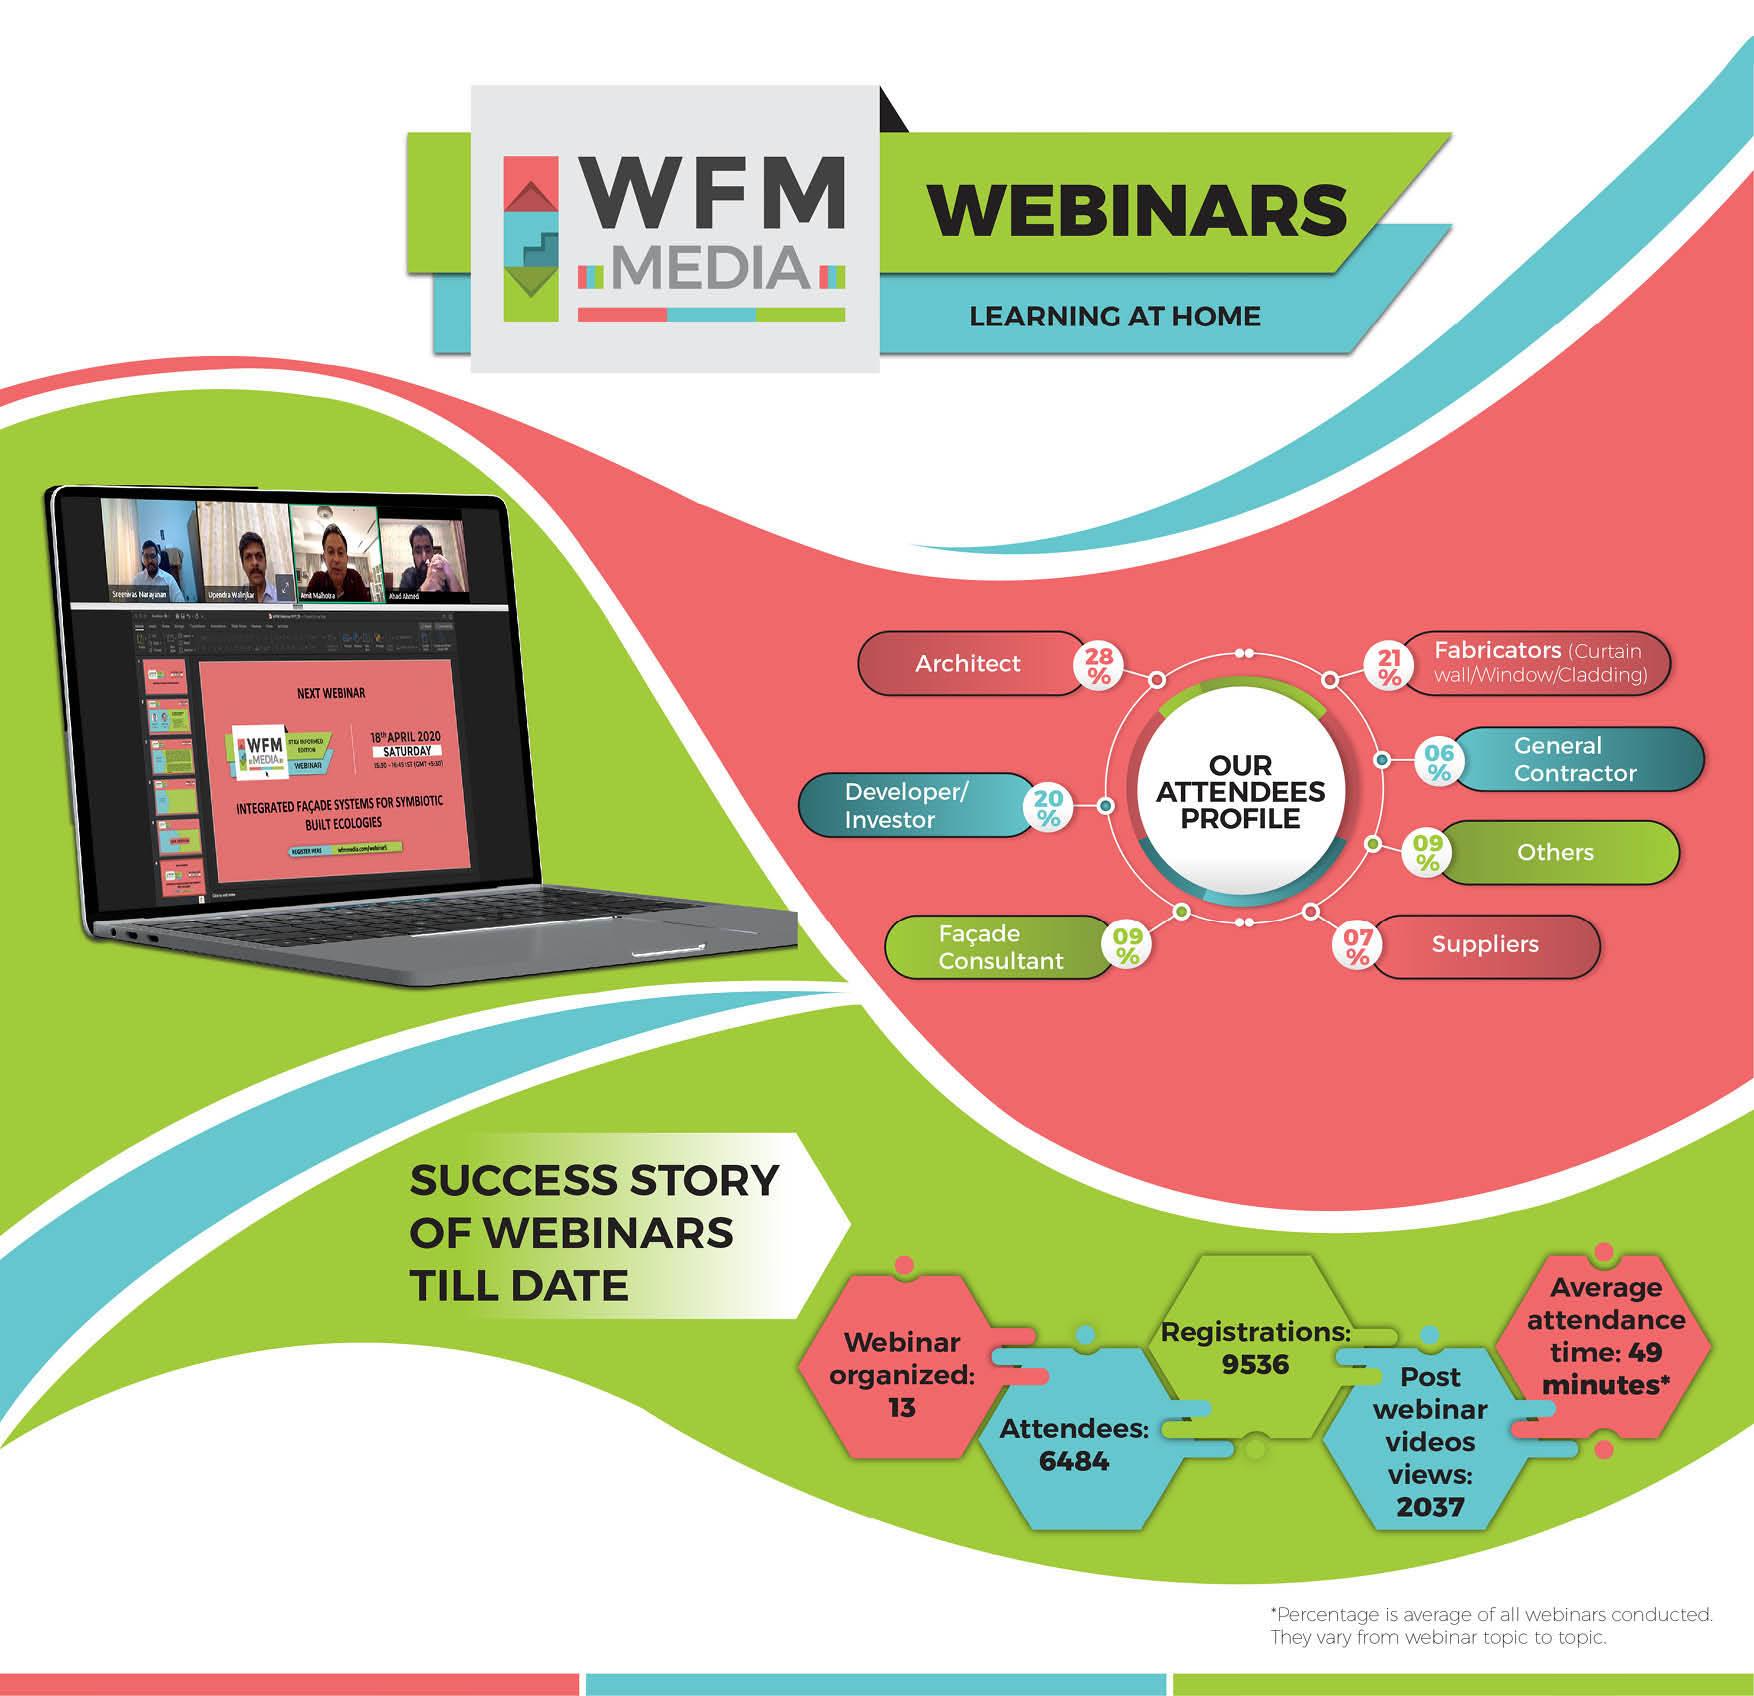 WFM Media Webinars